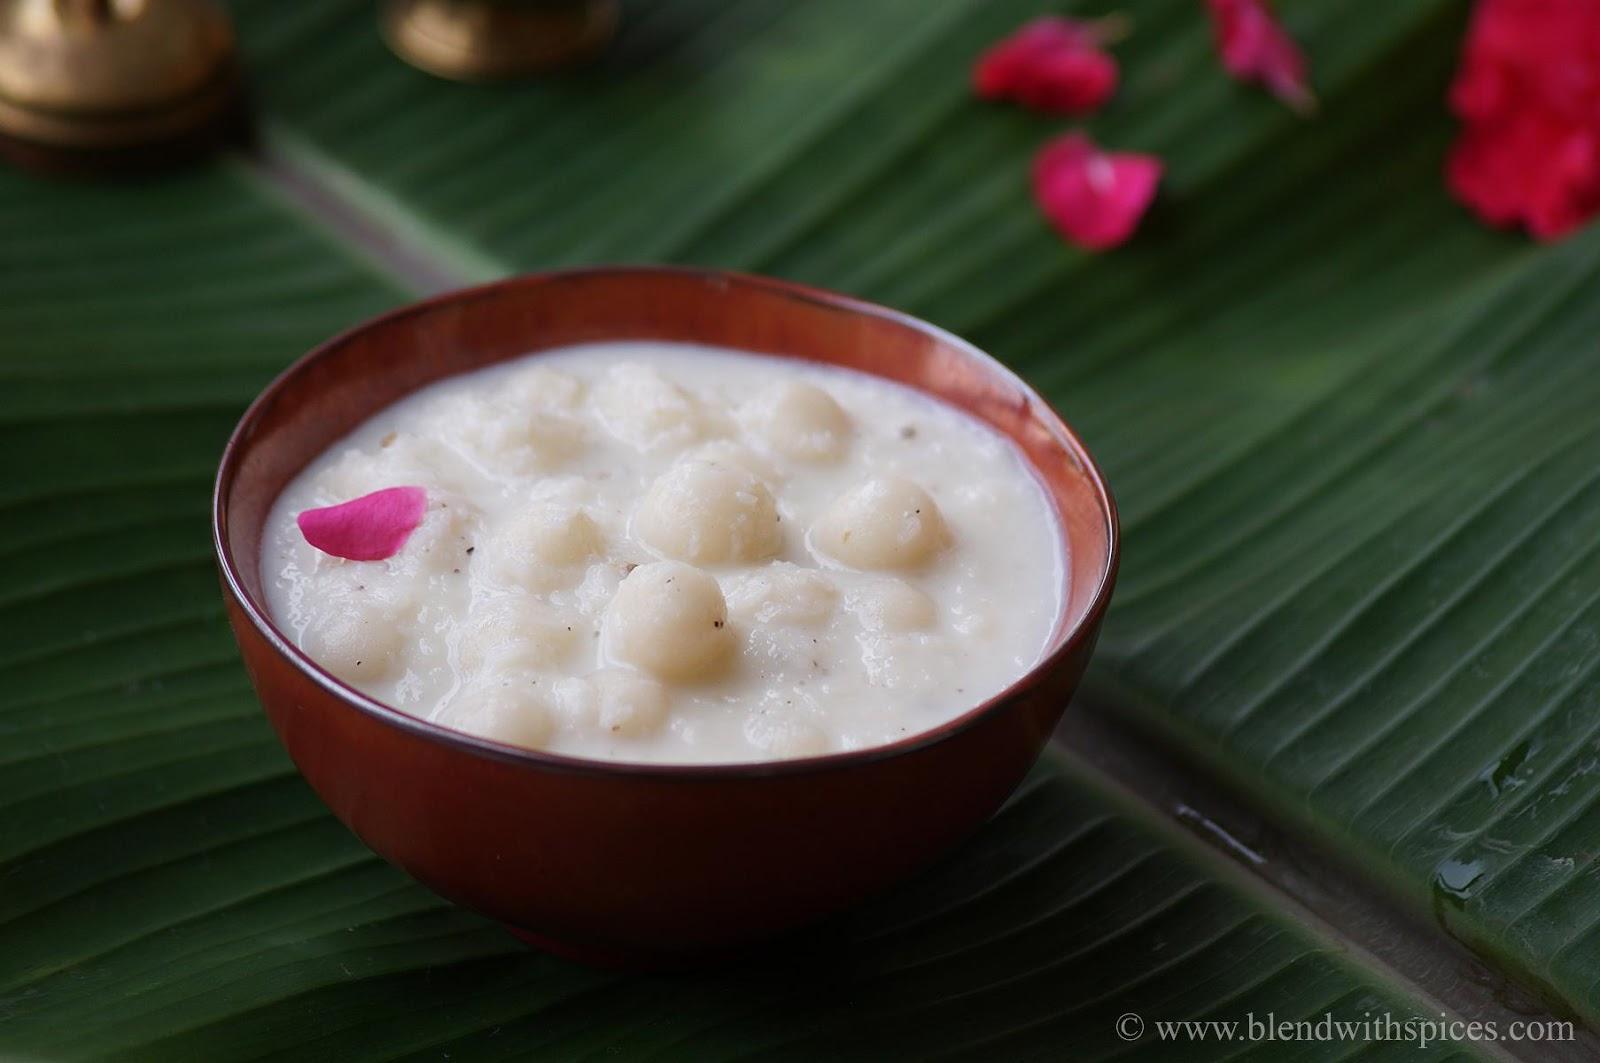 payasam undrallu served as a naivedyam on vinayaka chavithi festival